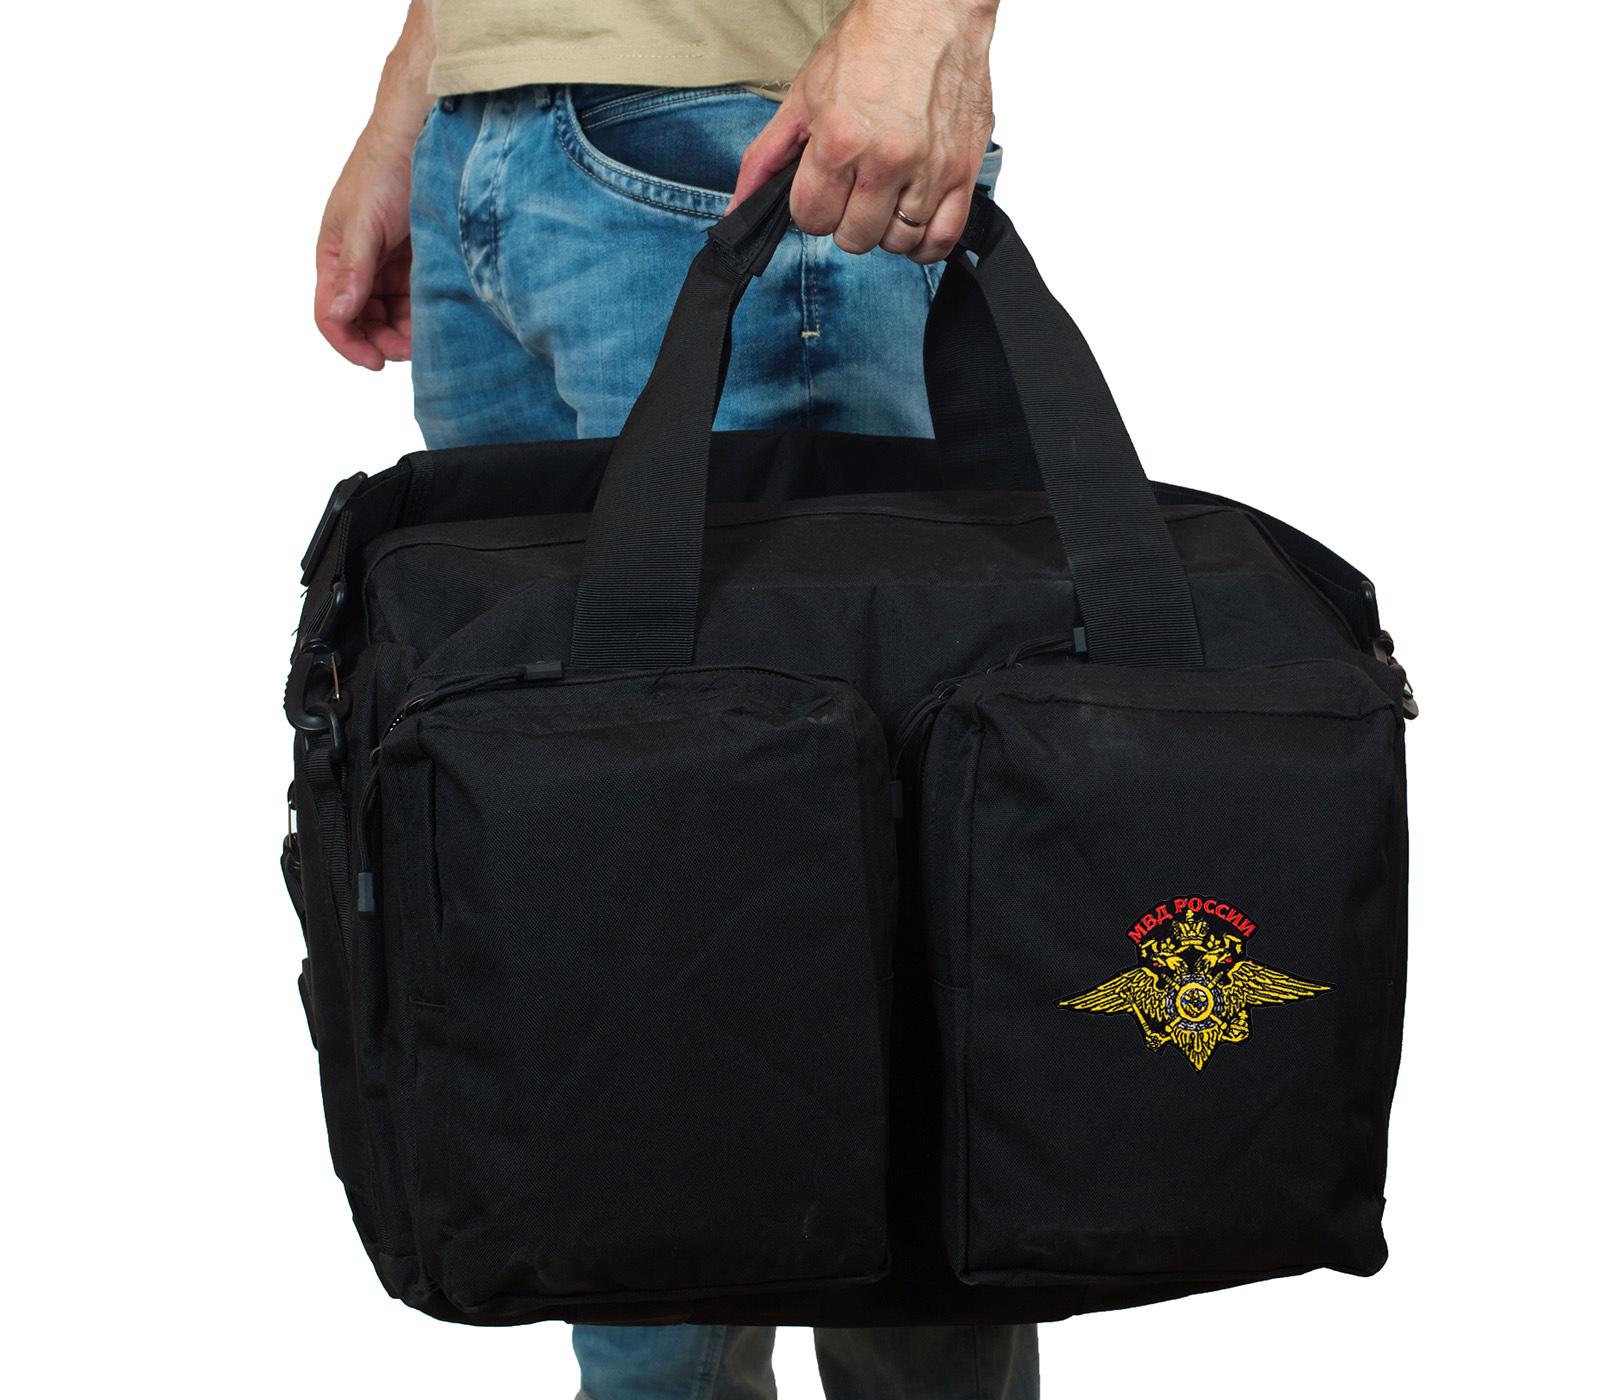 Черная полевая сумка-рюкзак с шевроном МВД купить оптом